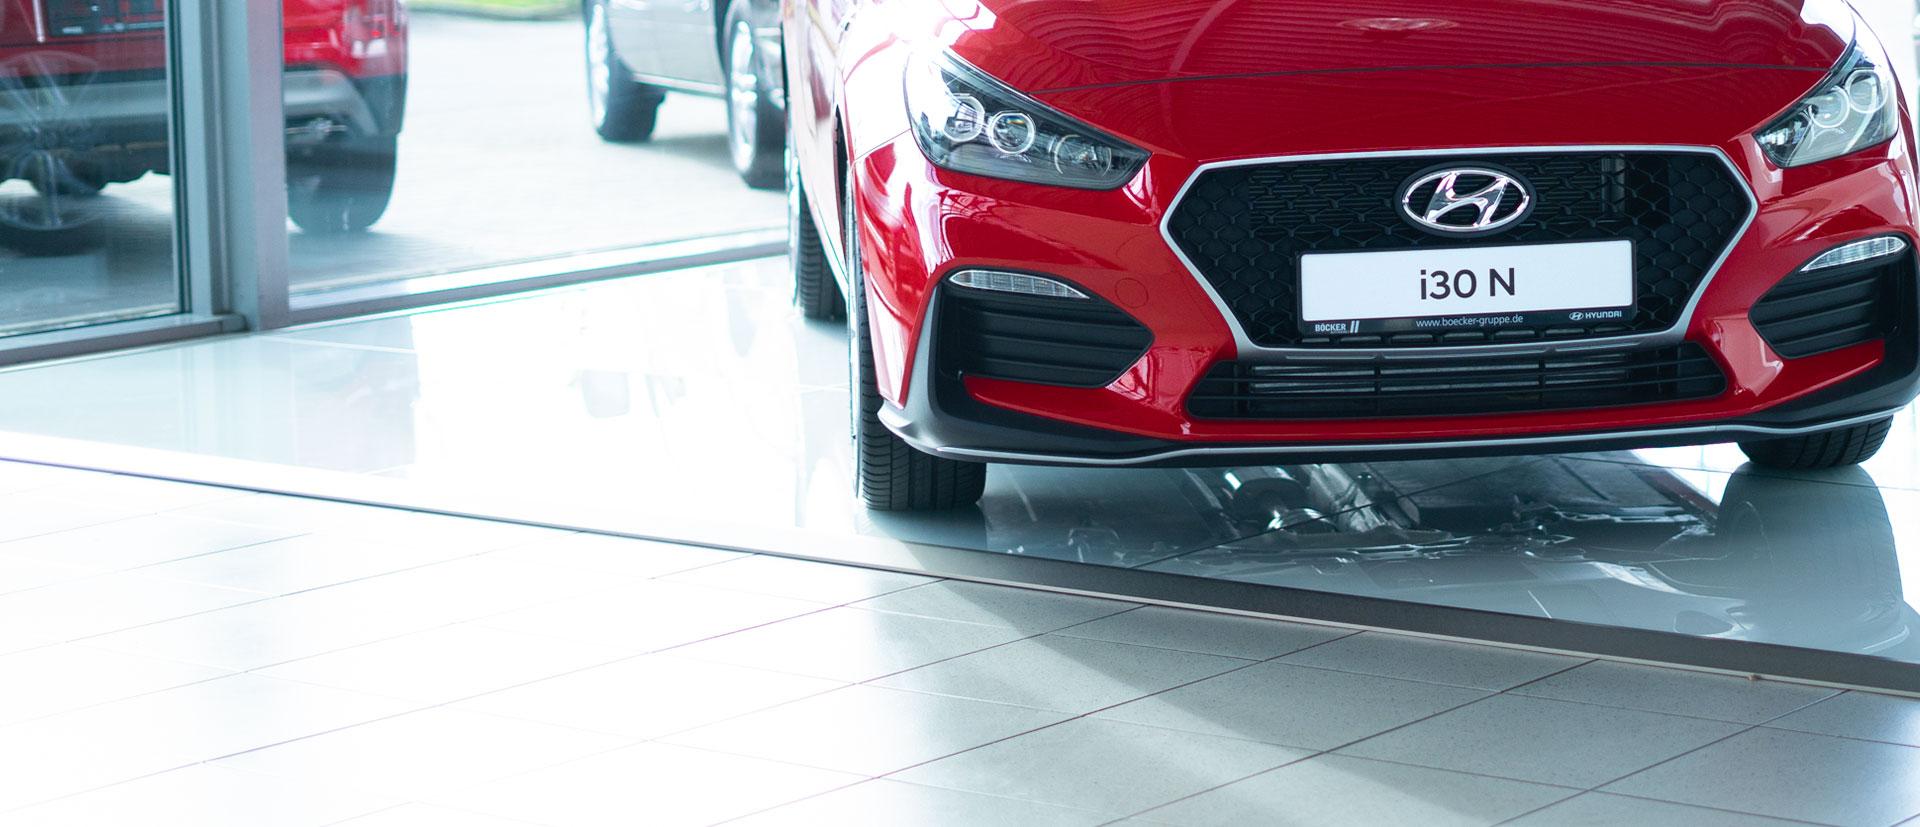 Neuer Hyundai I20 Startet Bei Unter 14 000 Euro In Der Basis Autobild De